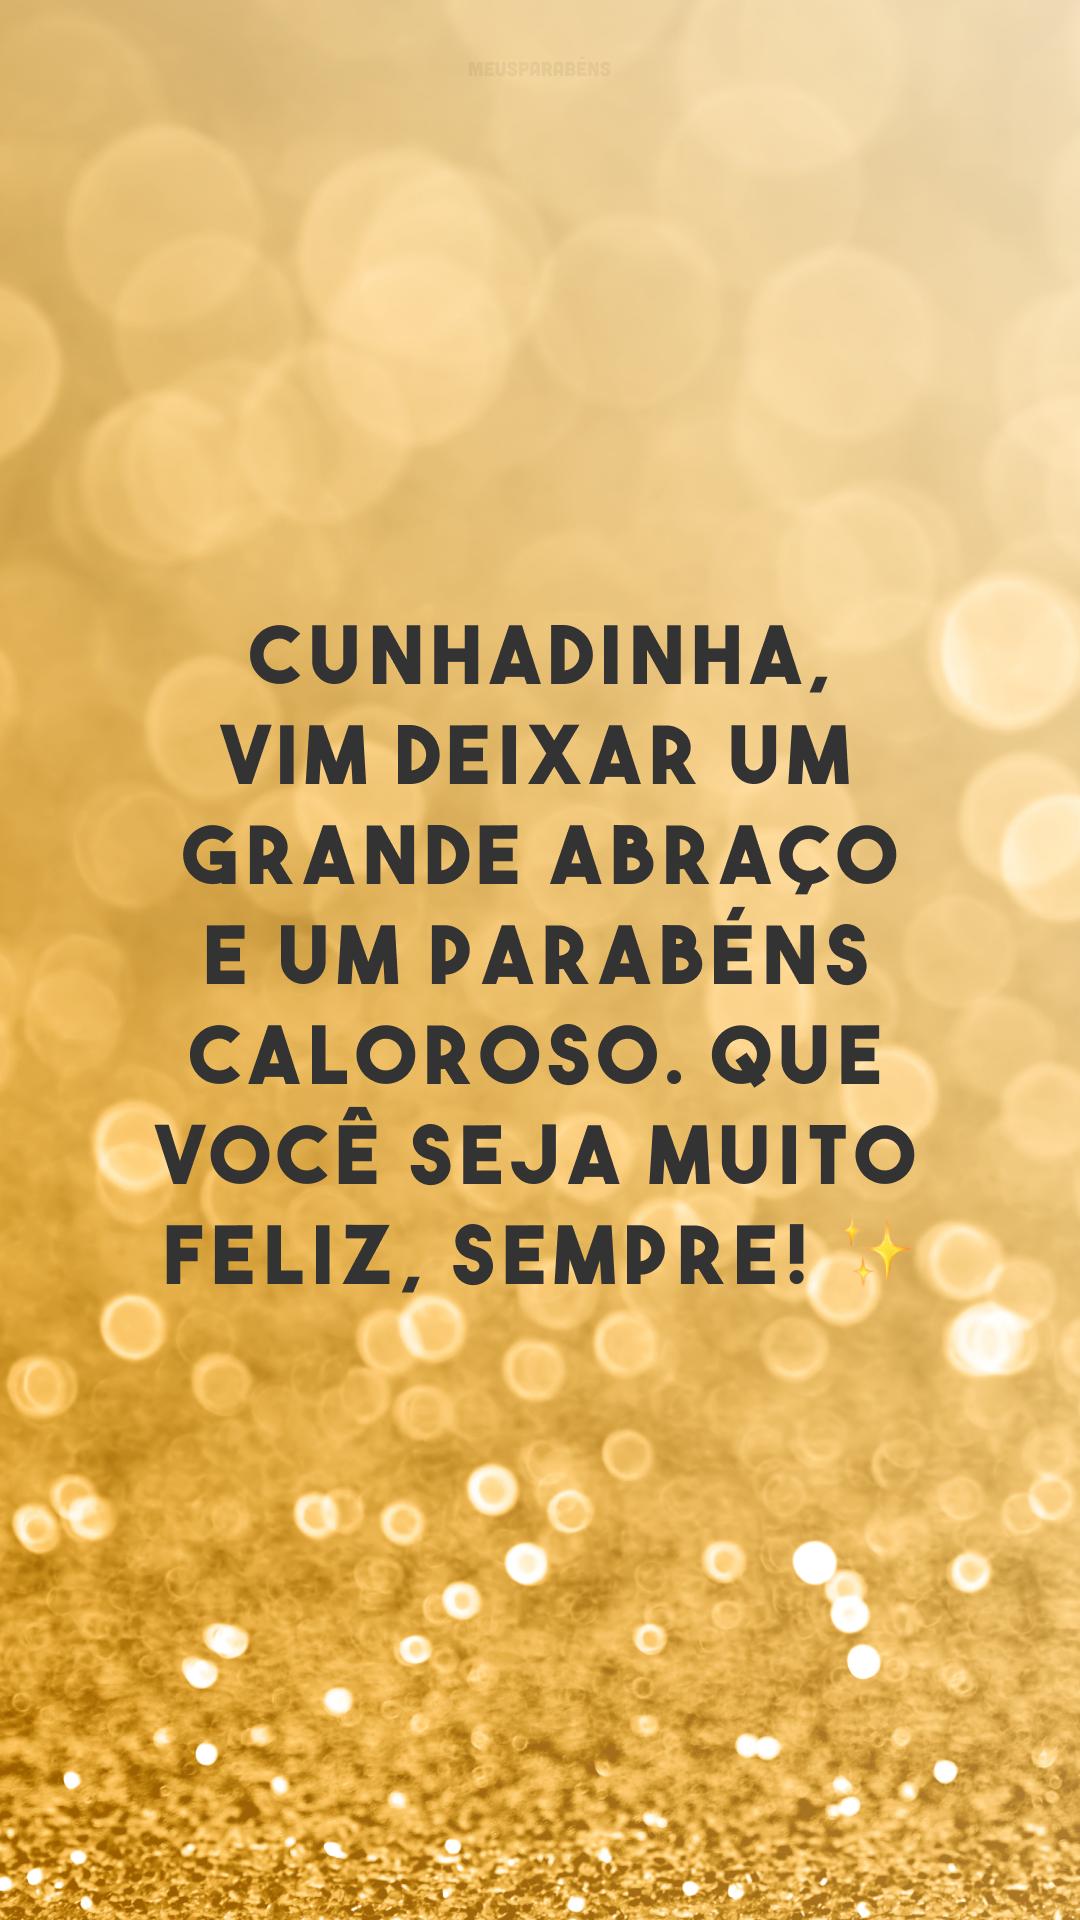 Cunhadinha, vim deixar um grande abraço e um parabéns caloroso. Que você seja muito feliz, sempre! ✨